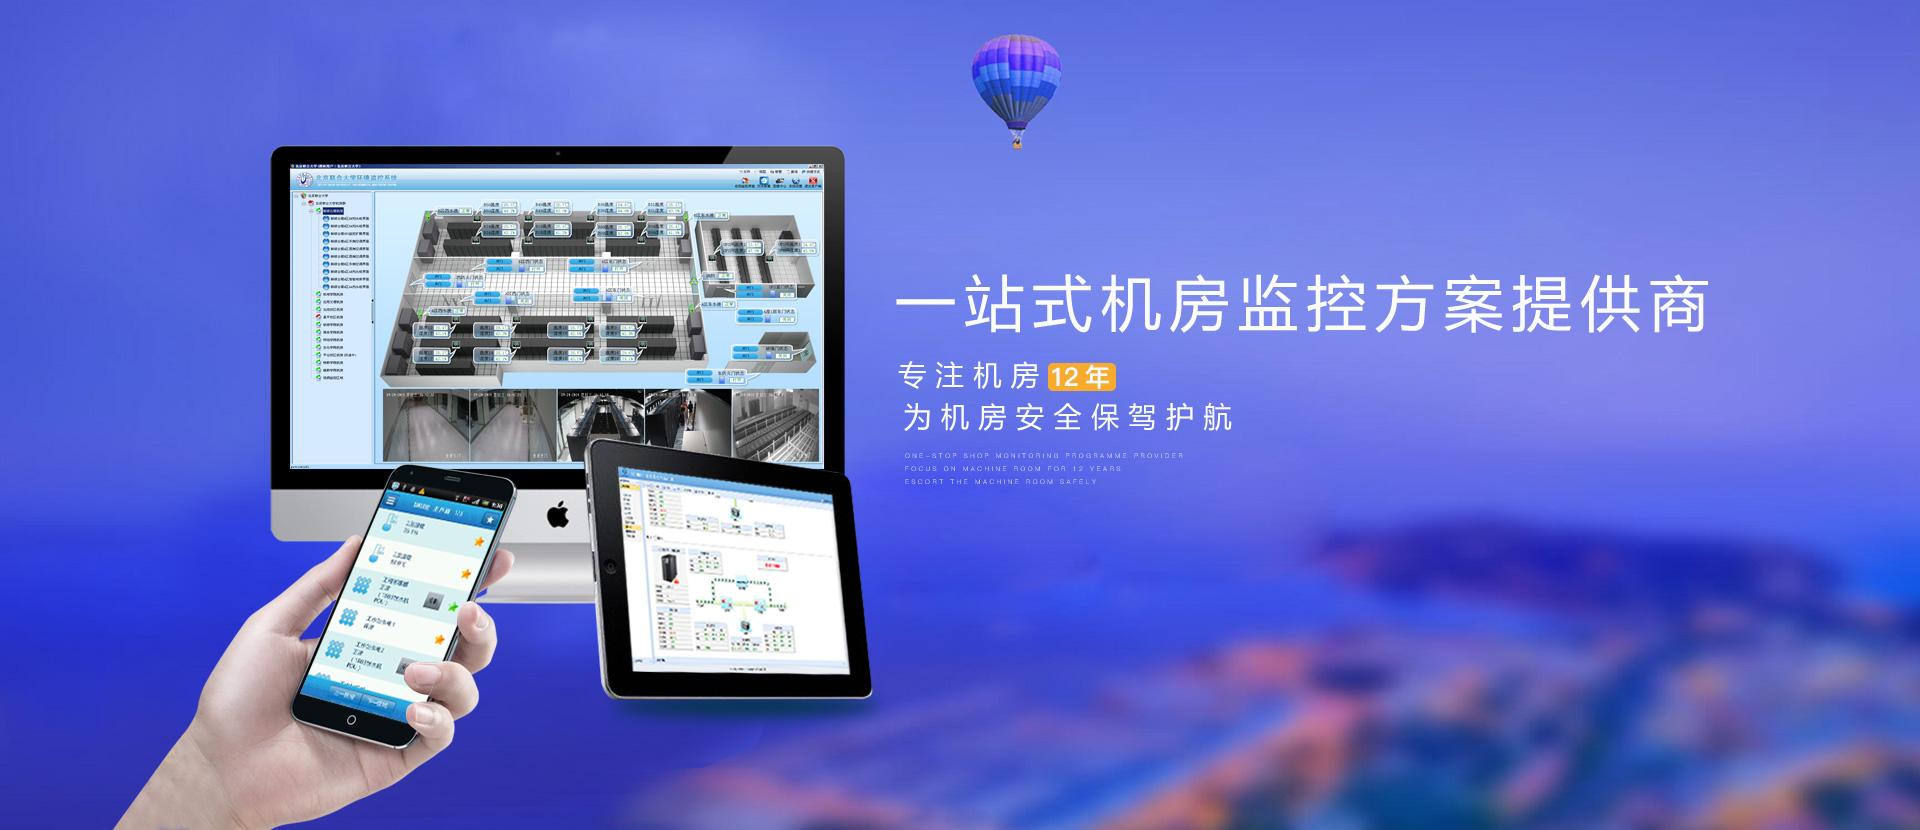 北京融智合创科技有限公司